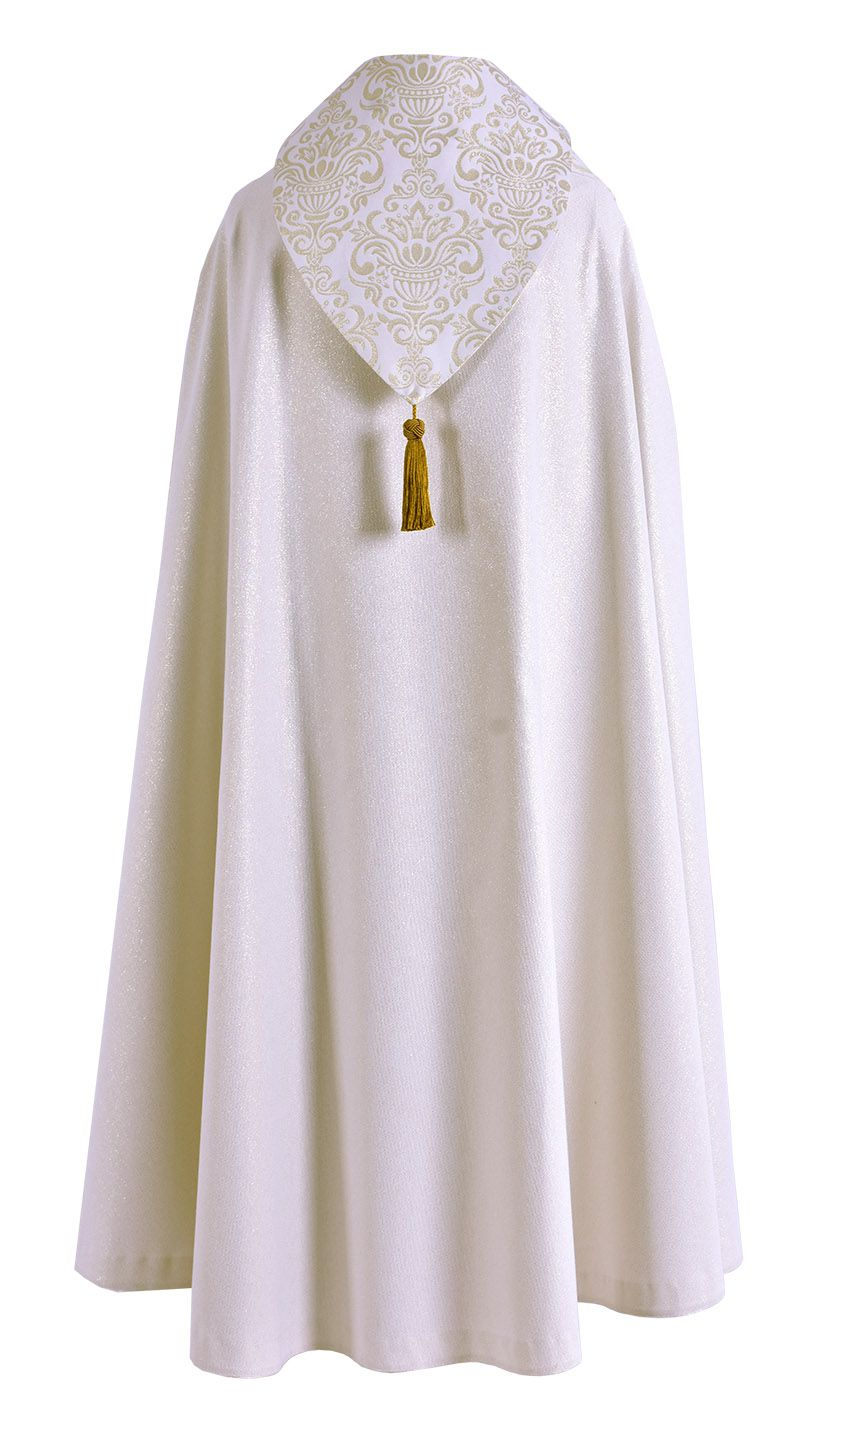 Pontifical Asperges Cope CP263